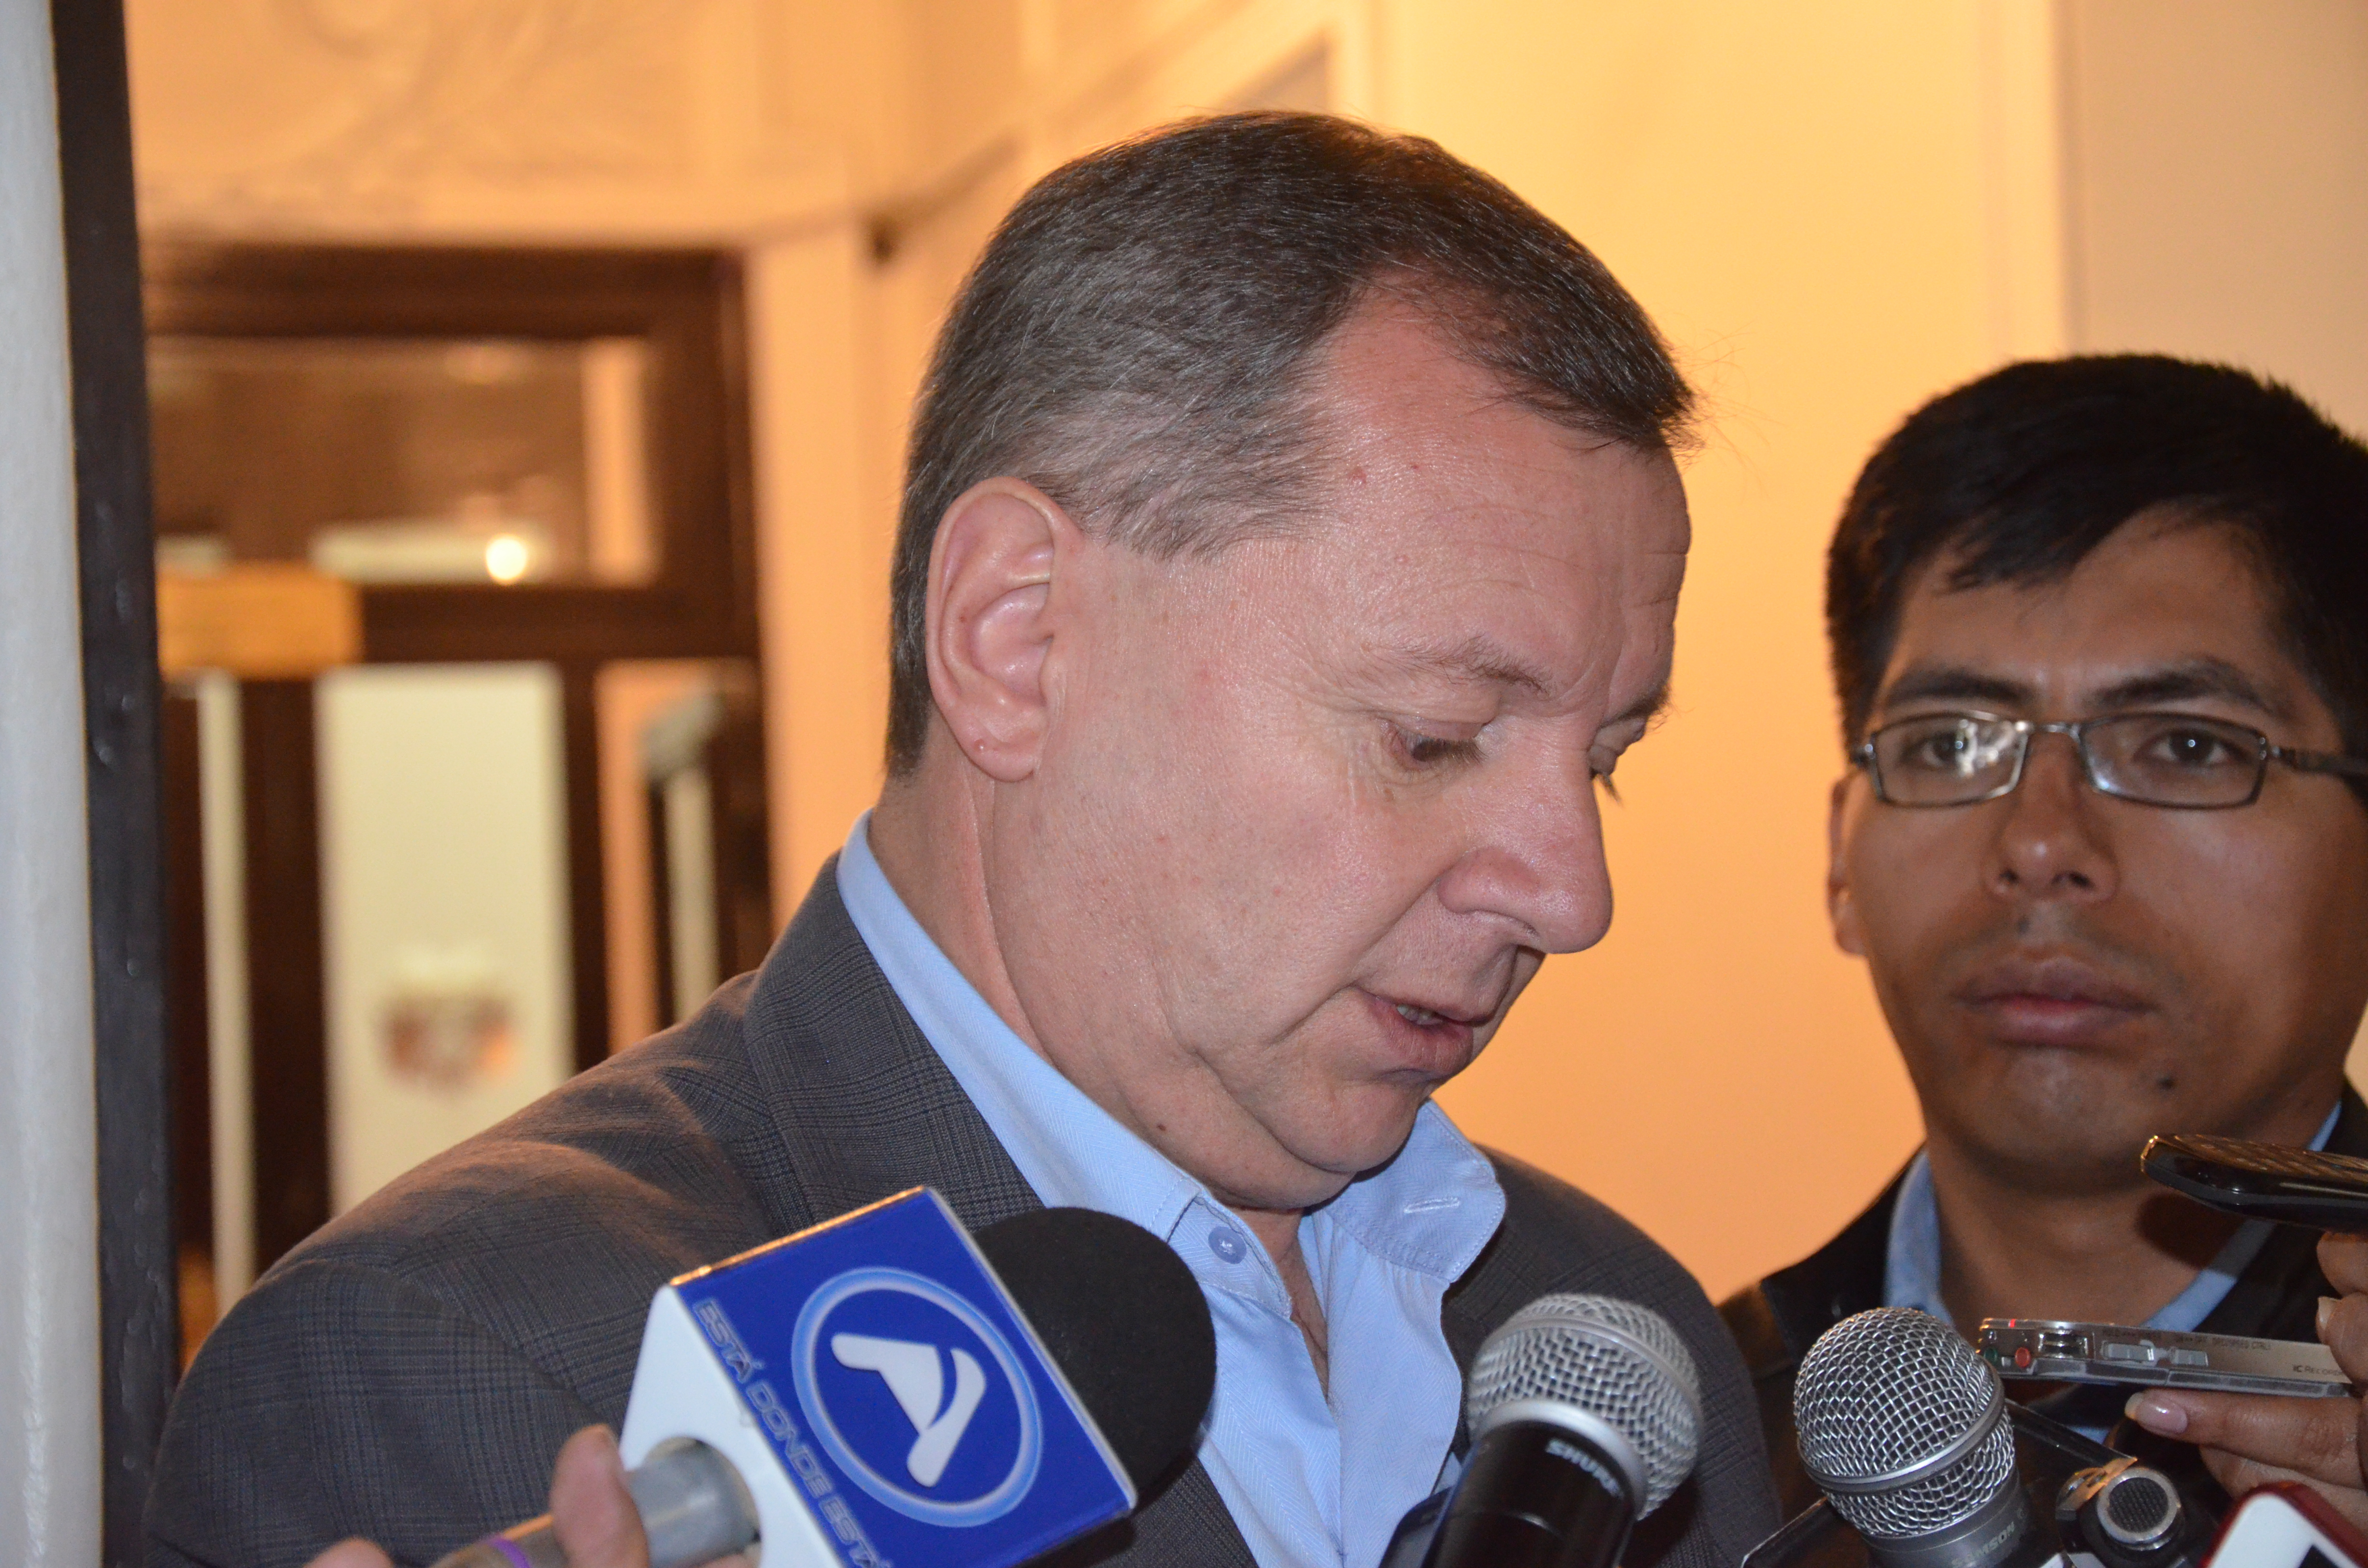 Gonzales afirma que expertos en redes sociales hicieron campaña por el No en referendo constitucional